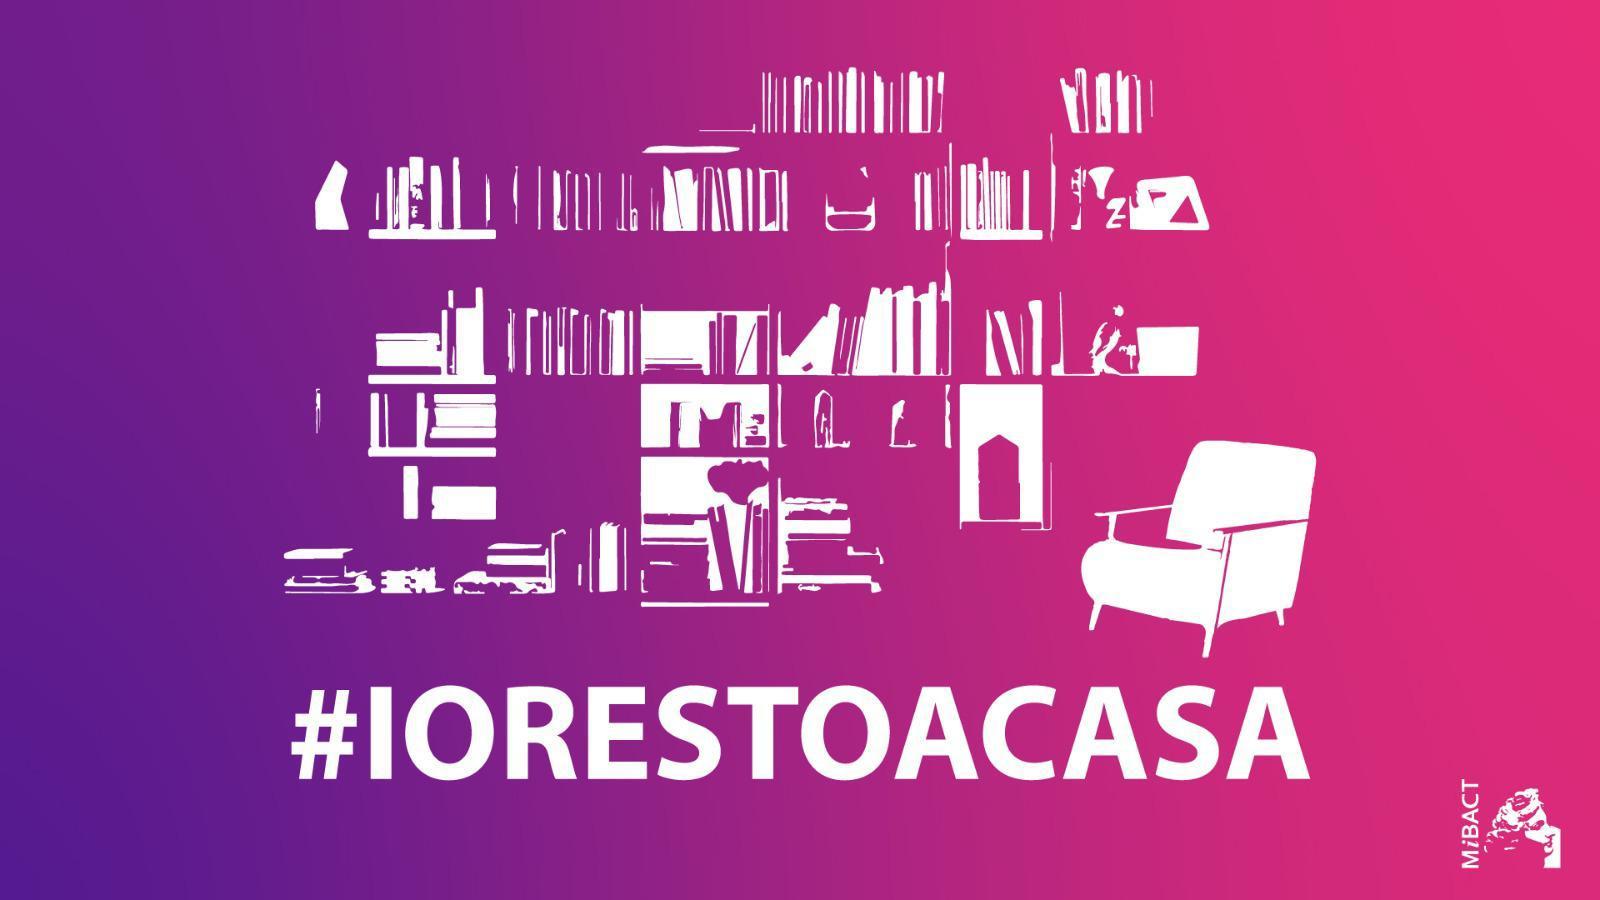 State a casa! Adesso ve lo dicono anche artisti e musei. #iorestoacasa è l'hashtag da far circolare